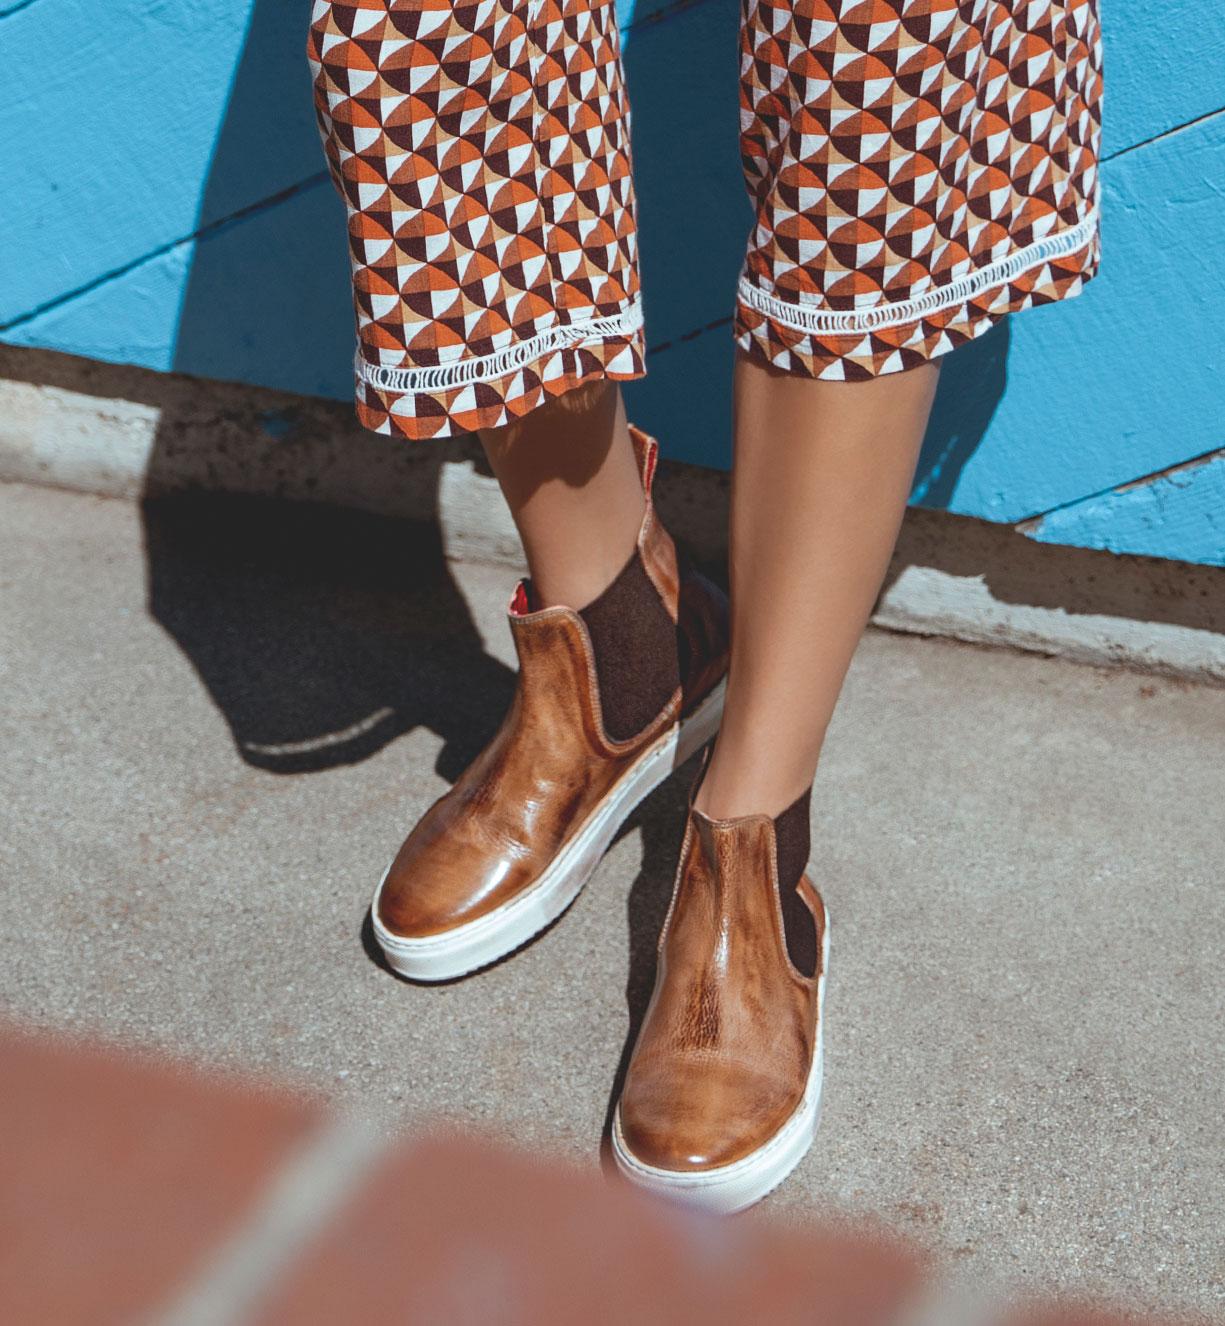 women's wearing tan color sneaker boots